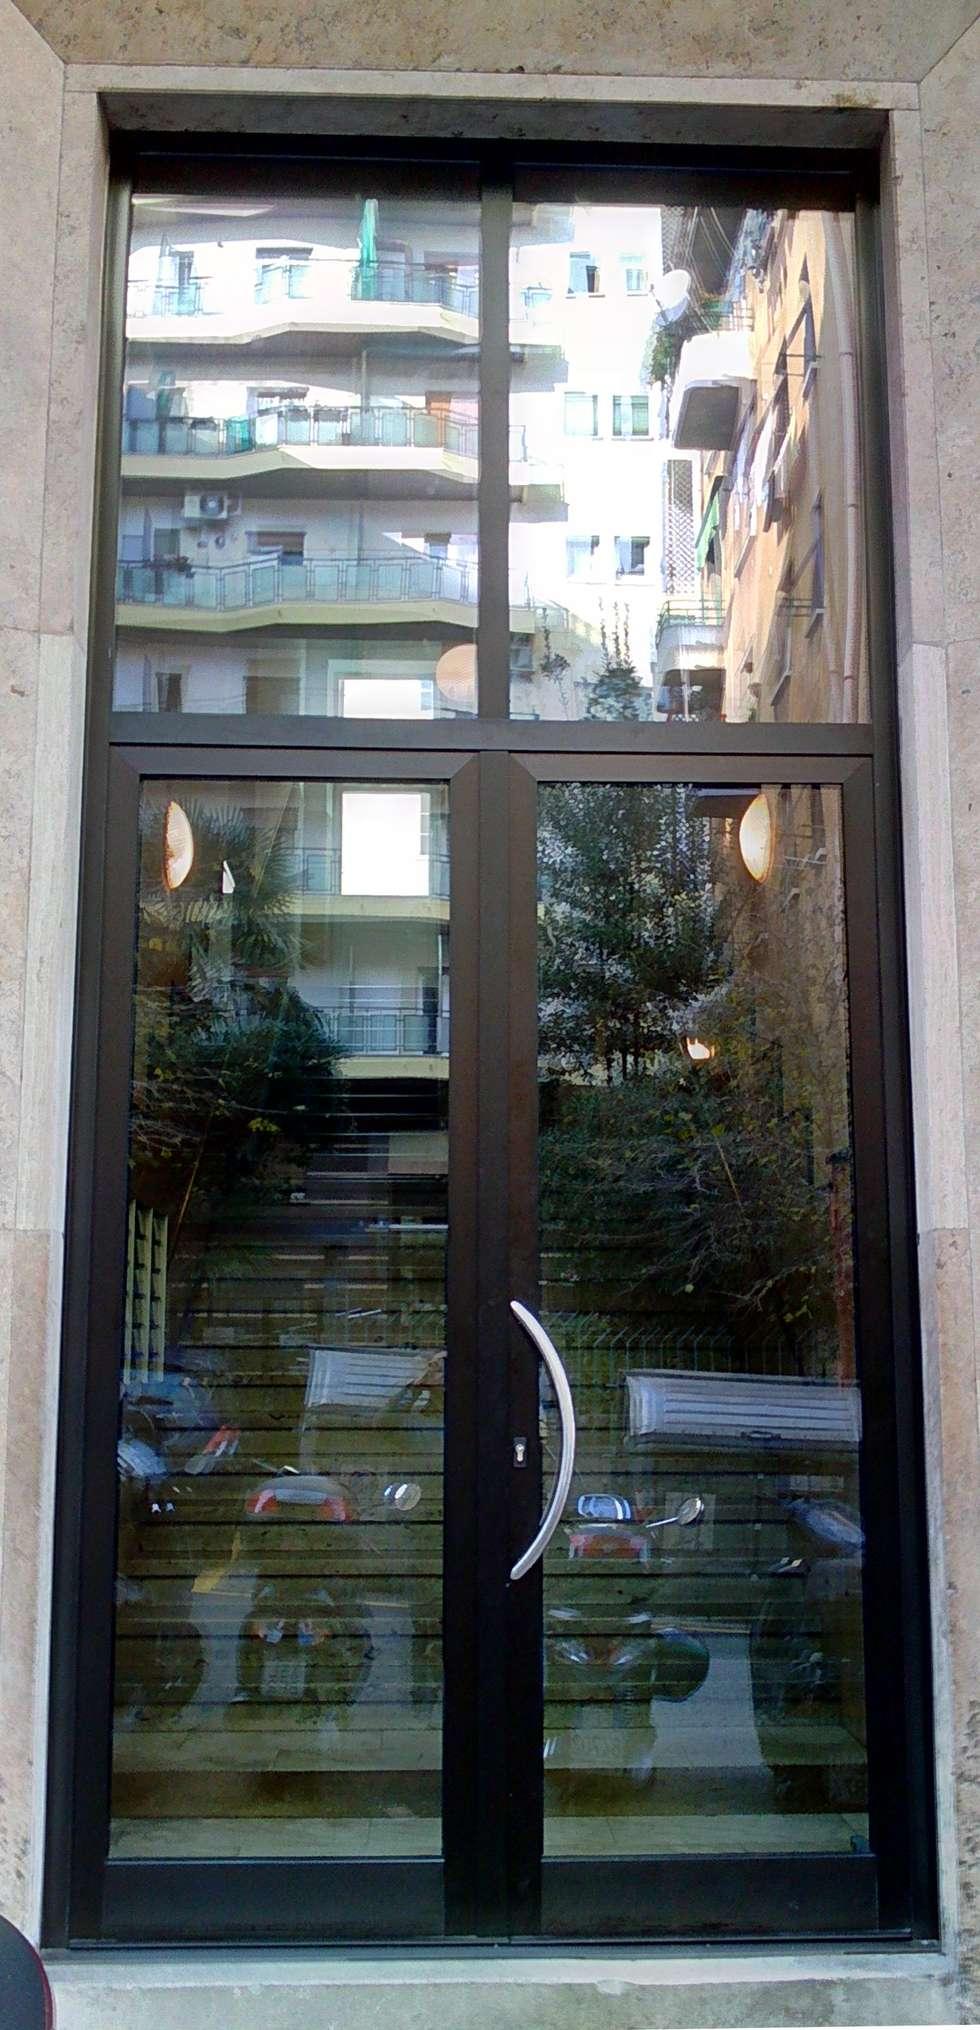 portone condominio trieste: Finestre in stile  di CaldoRisparmio